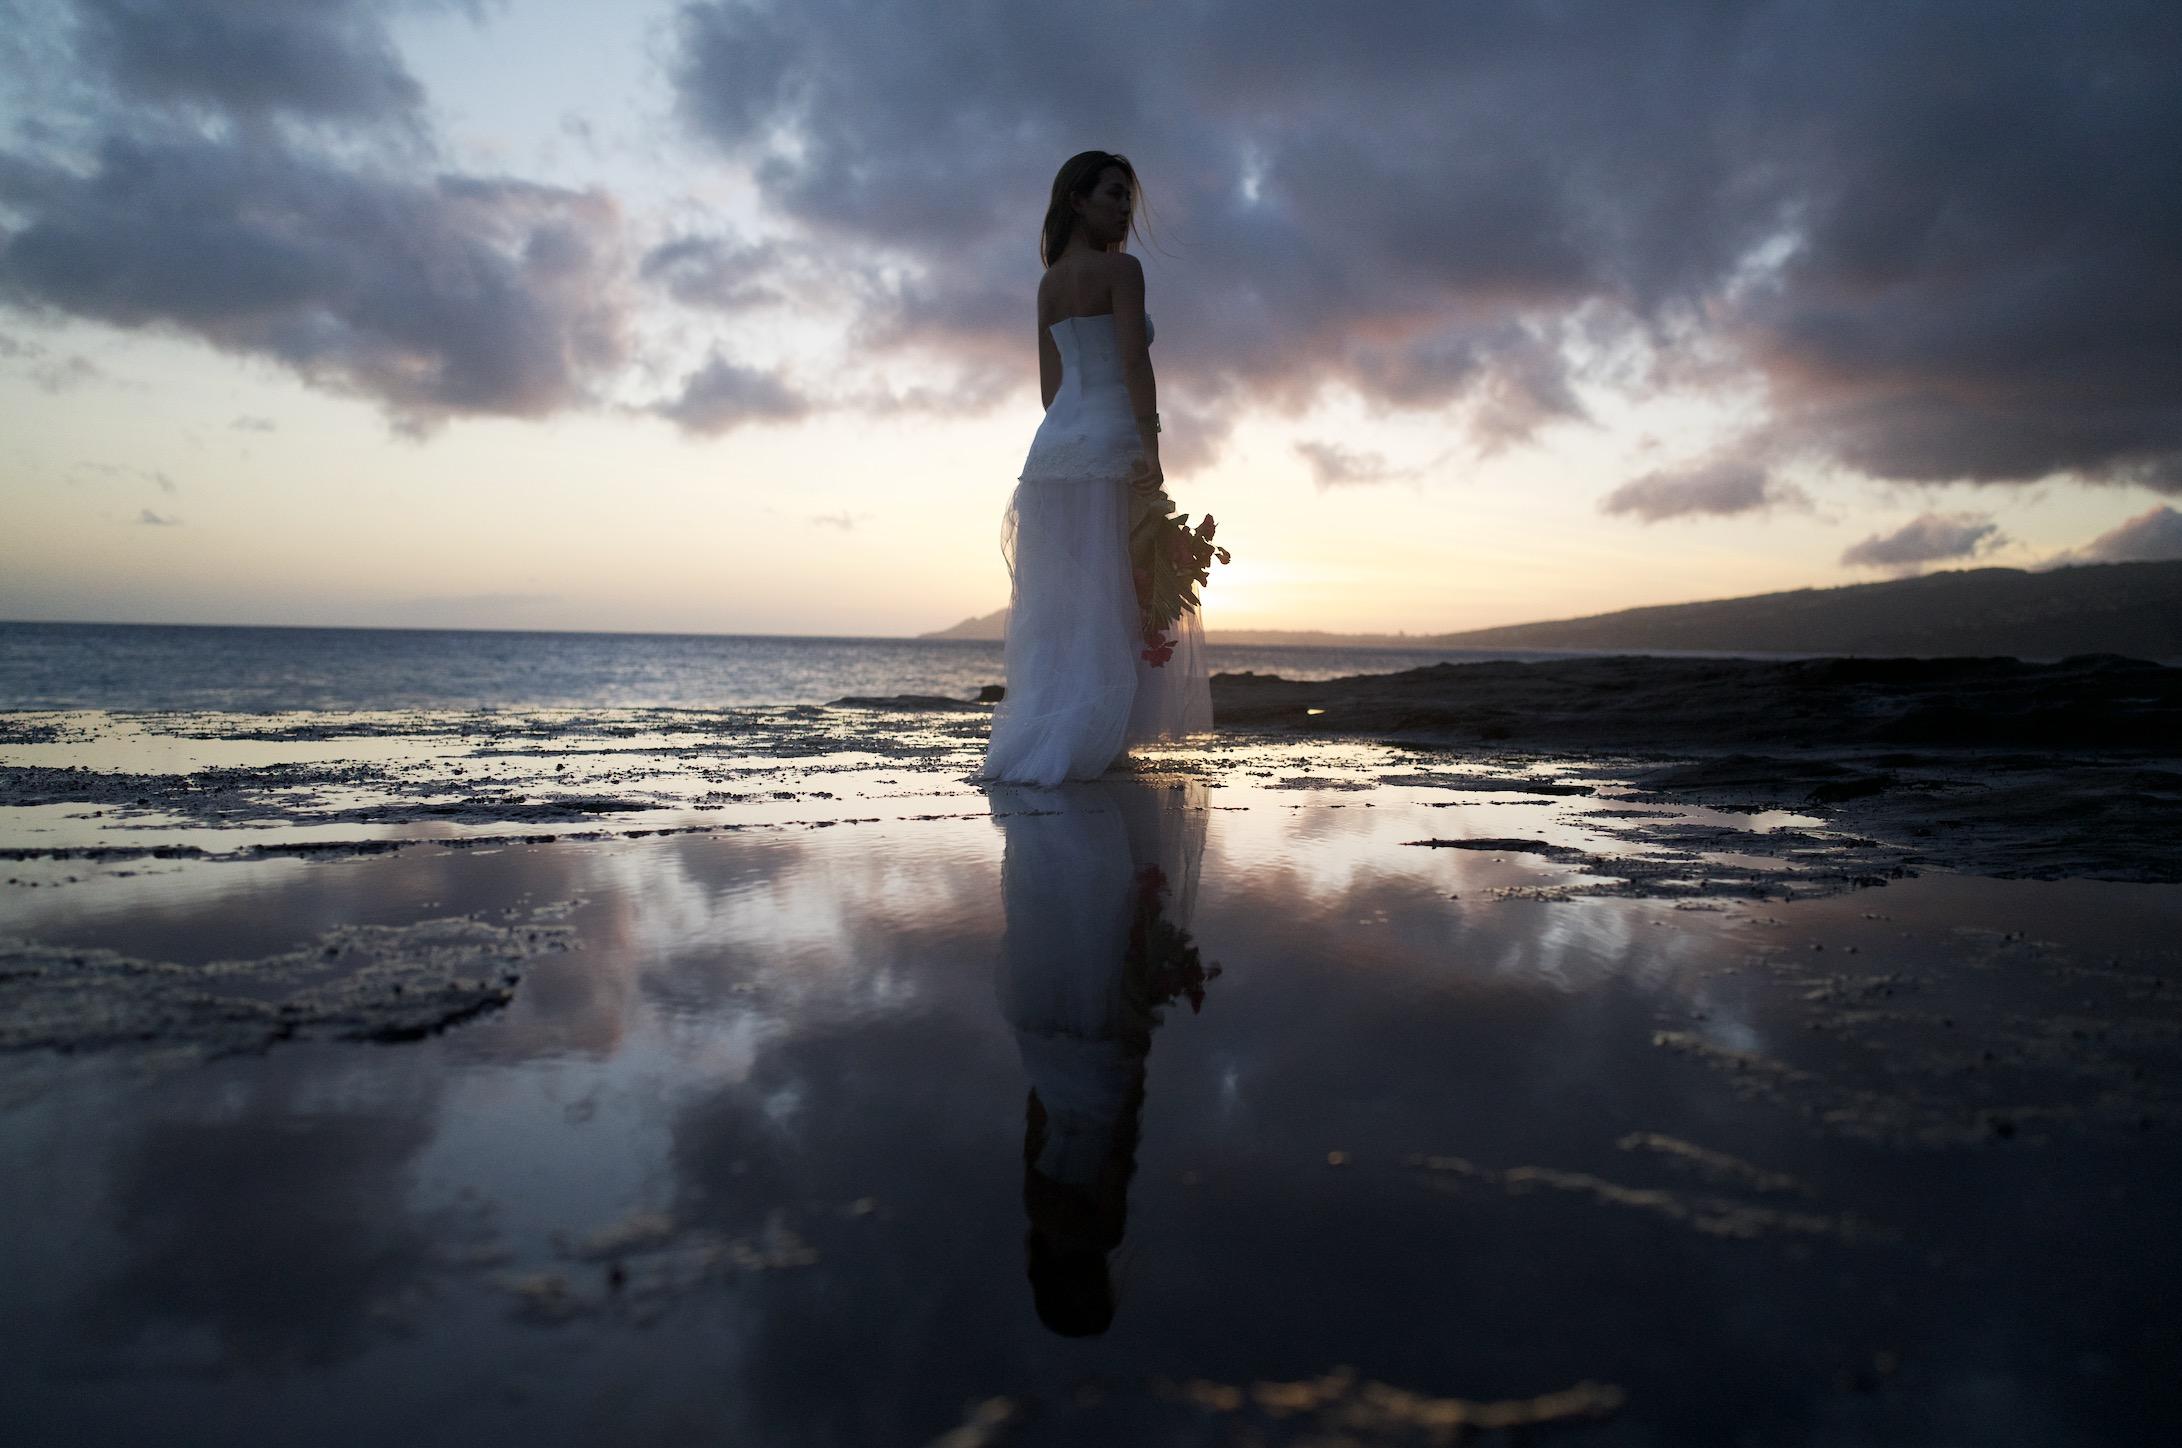 大人気!沖縄・石垣島の「自然と水」がテーマのマリンフォトウェディングプラン(No.506)